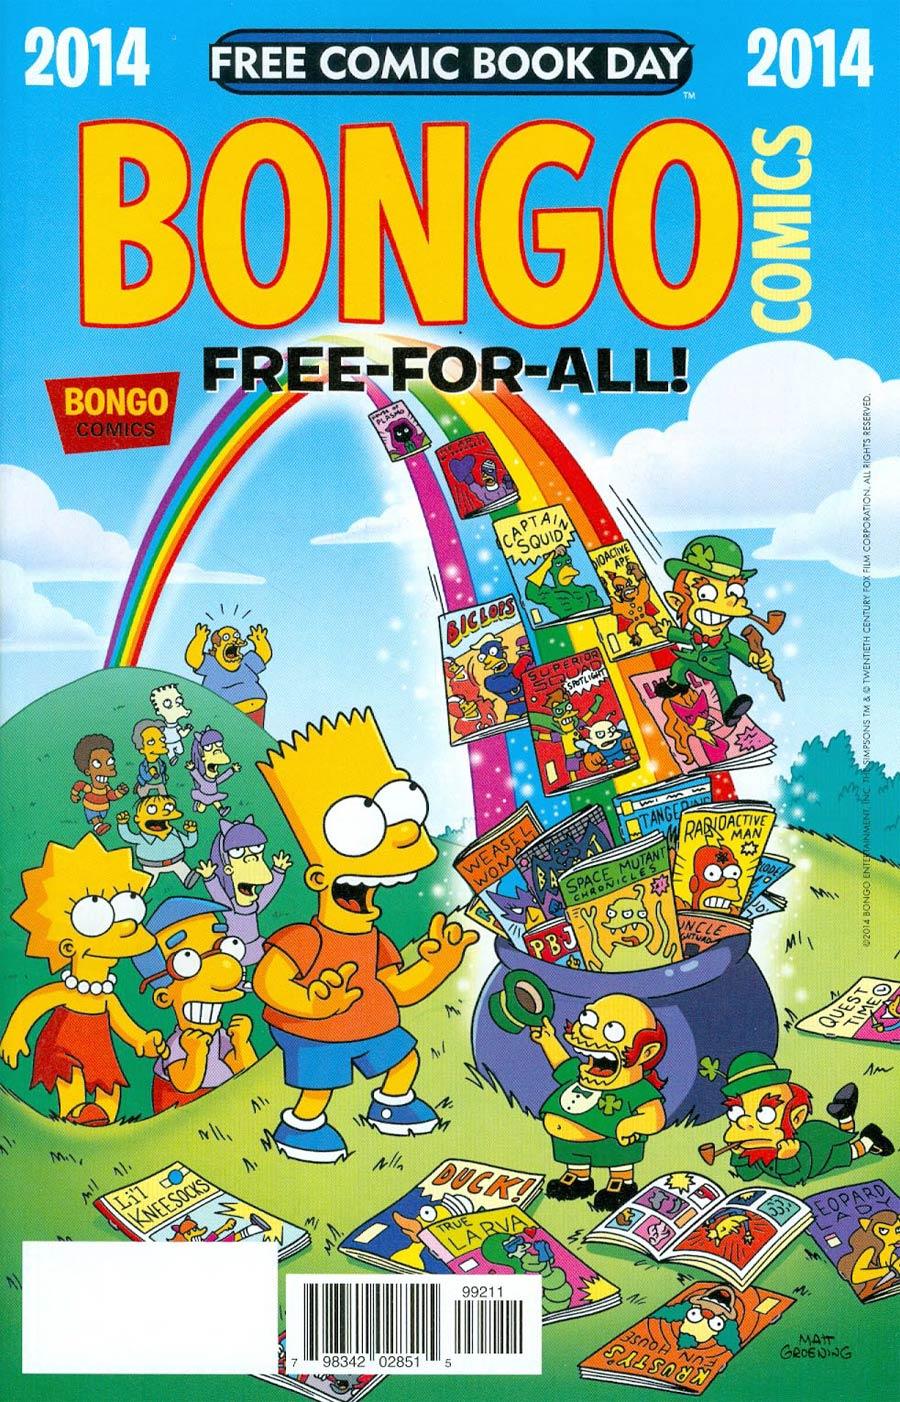 FCBD 2014 Bongo Comics Free-For-All